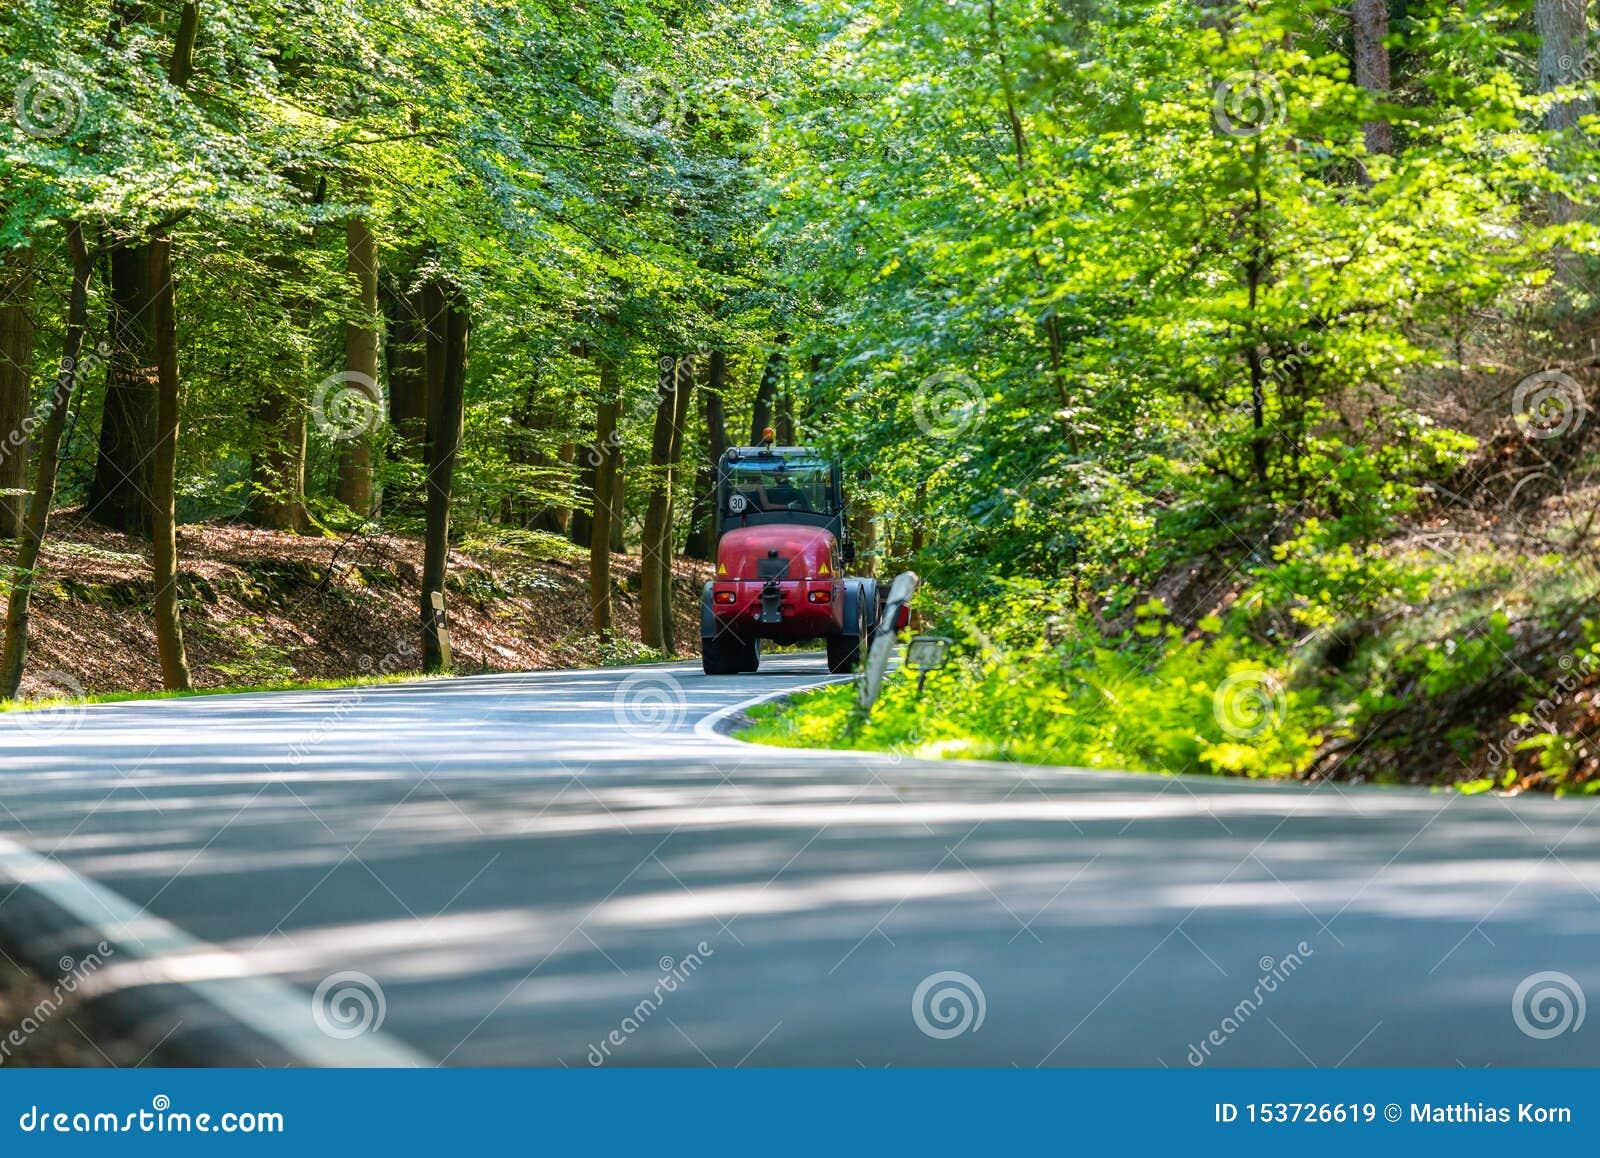 Una strada campestre pericolosa in una foresta della renna così che abbonda appena in Germania